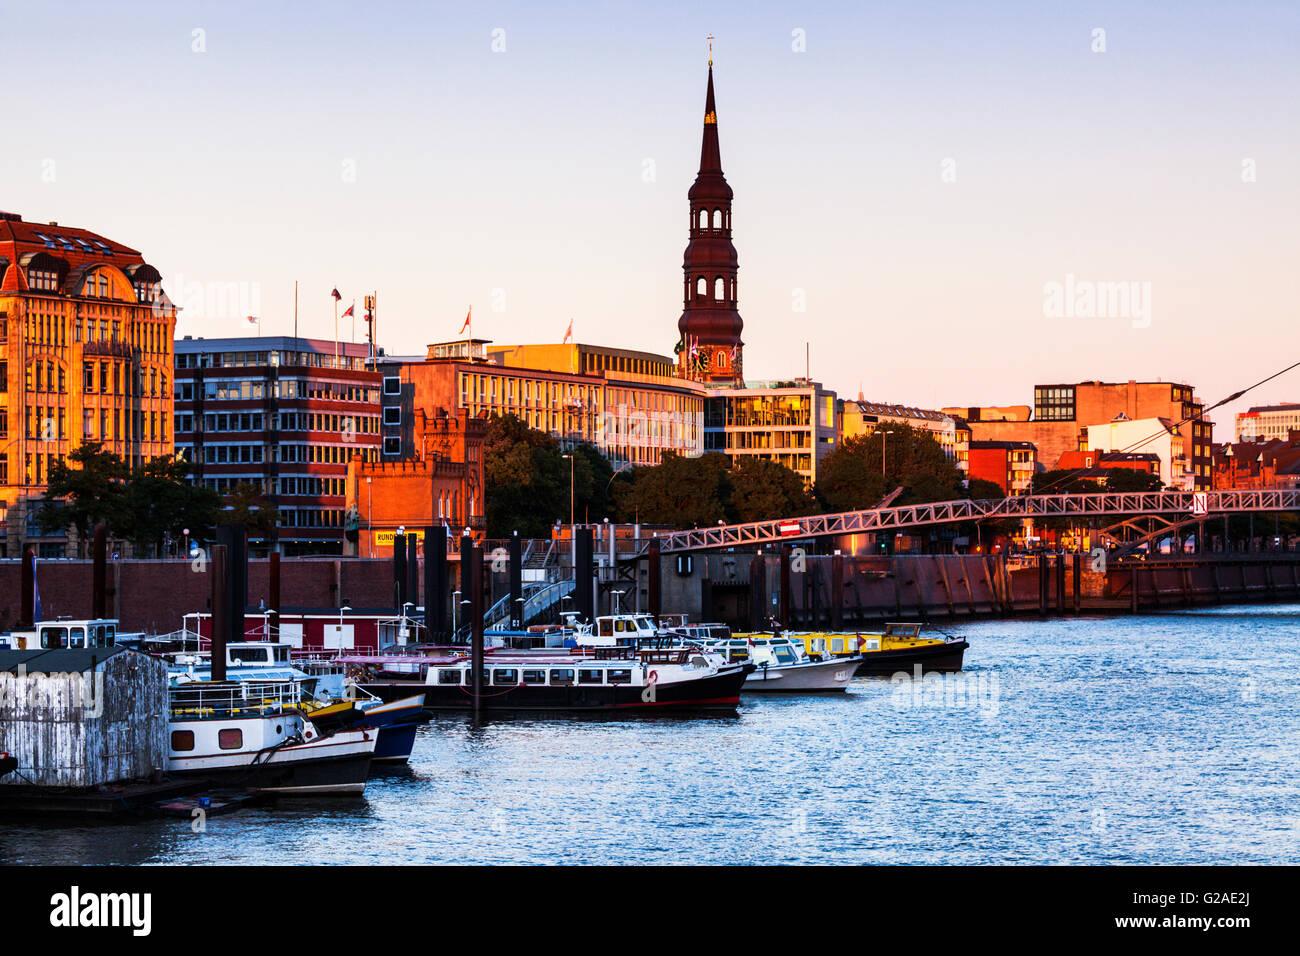 Architecutre of Hamburg Hamburg, Germany - Stock Image